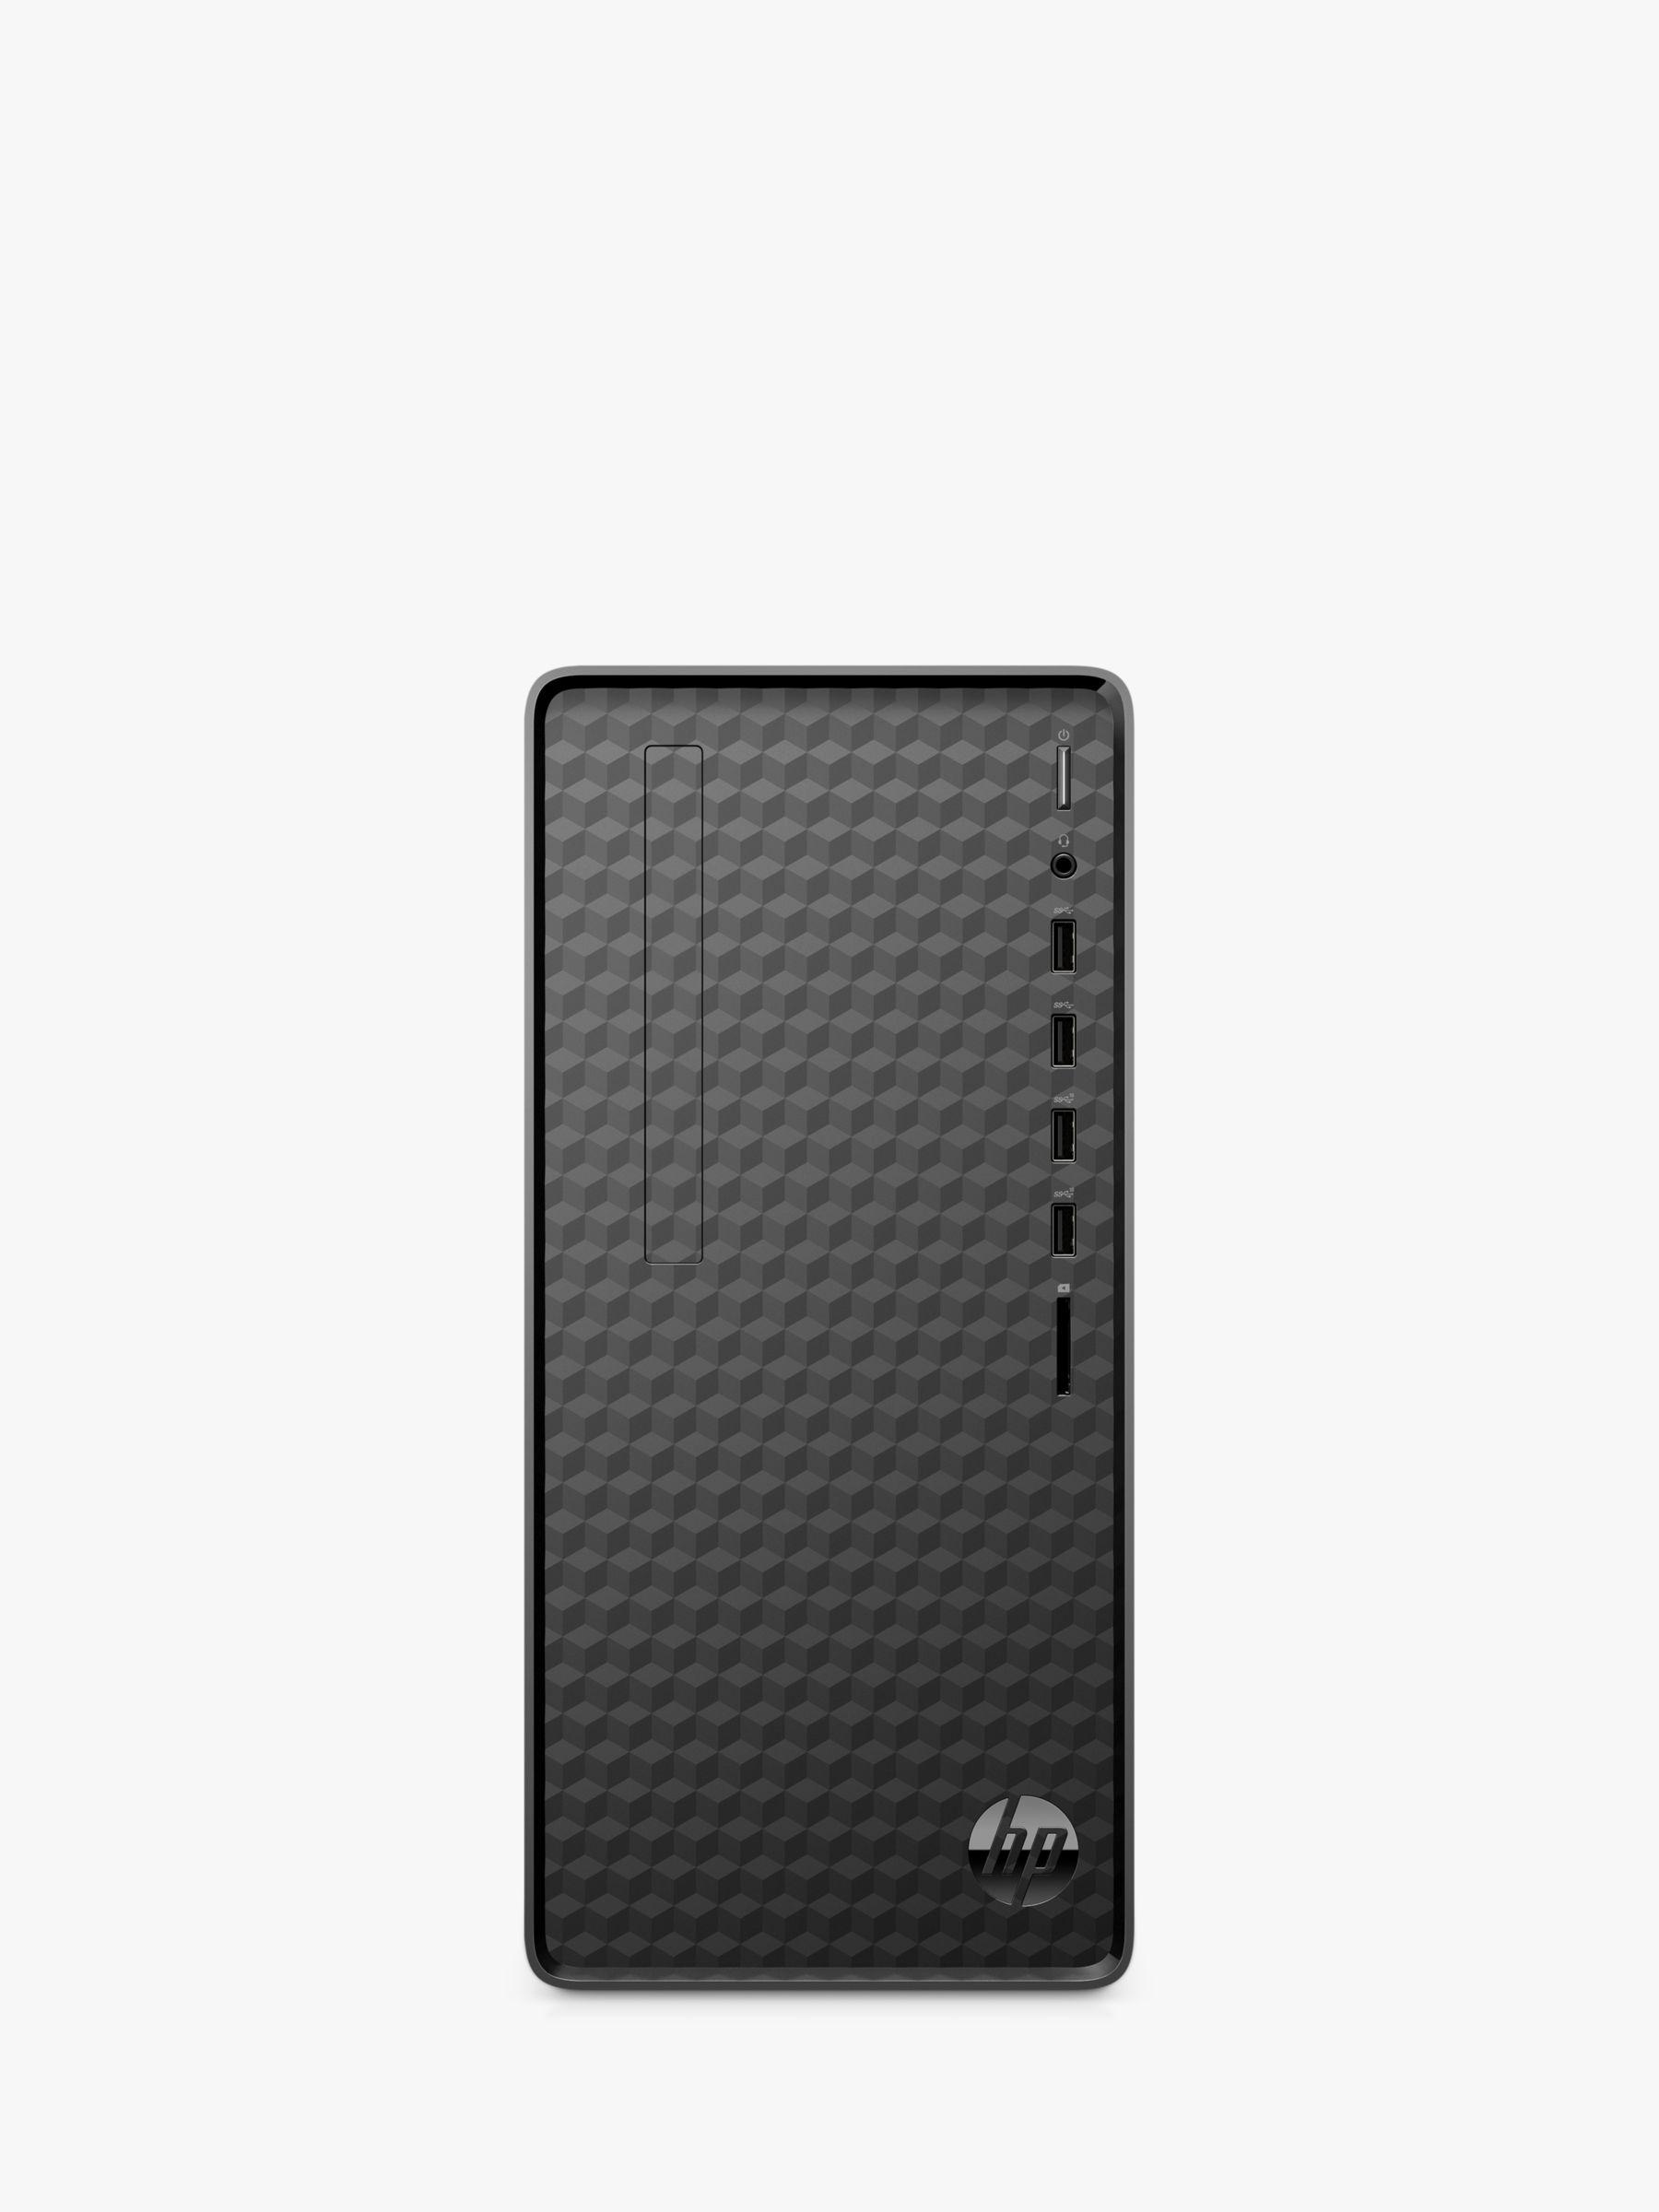 HP M01-F0026na Desktop PC, AMD Ryzen 5 Processor, 8GB RAM, 1TB HDD + 256GB SSD